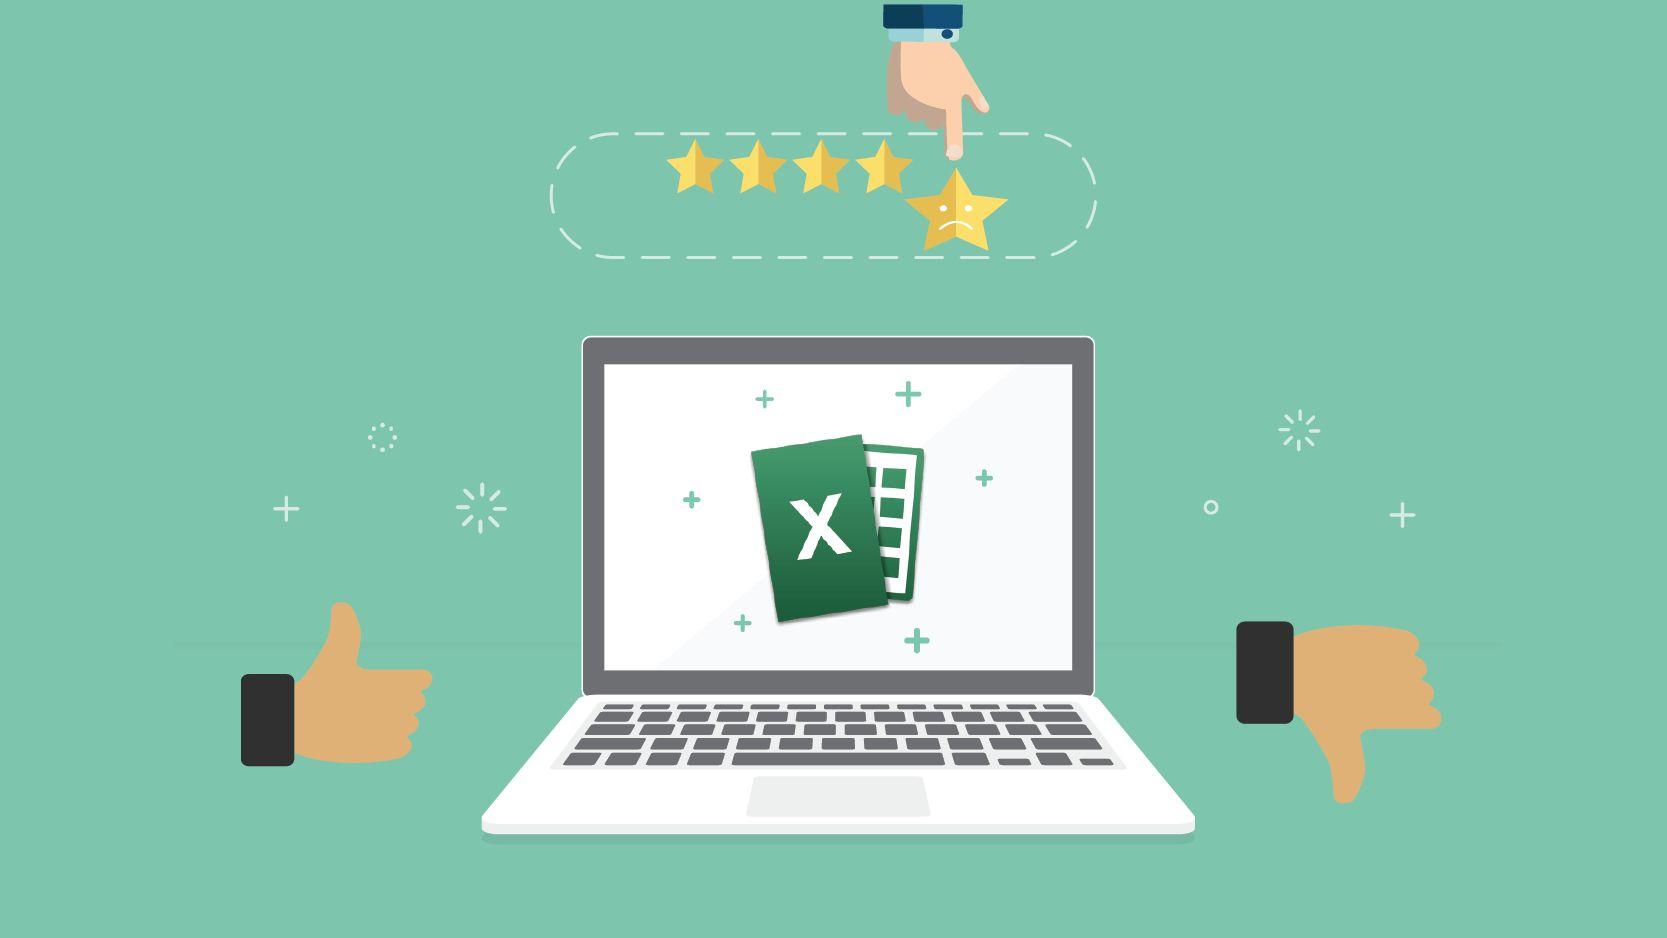 7 lý do Excel là công cụ quá lạc hậu để quản lý công việc và dự án